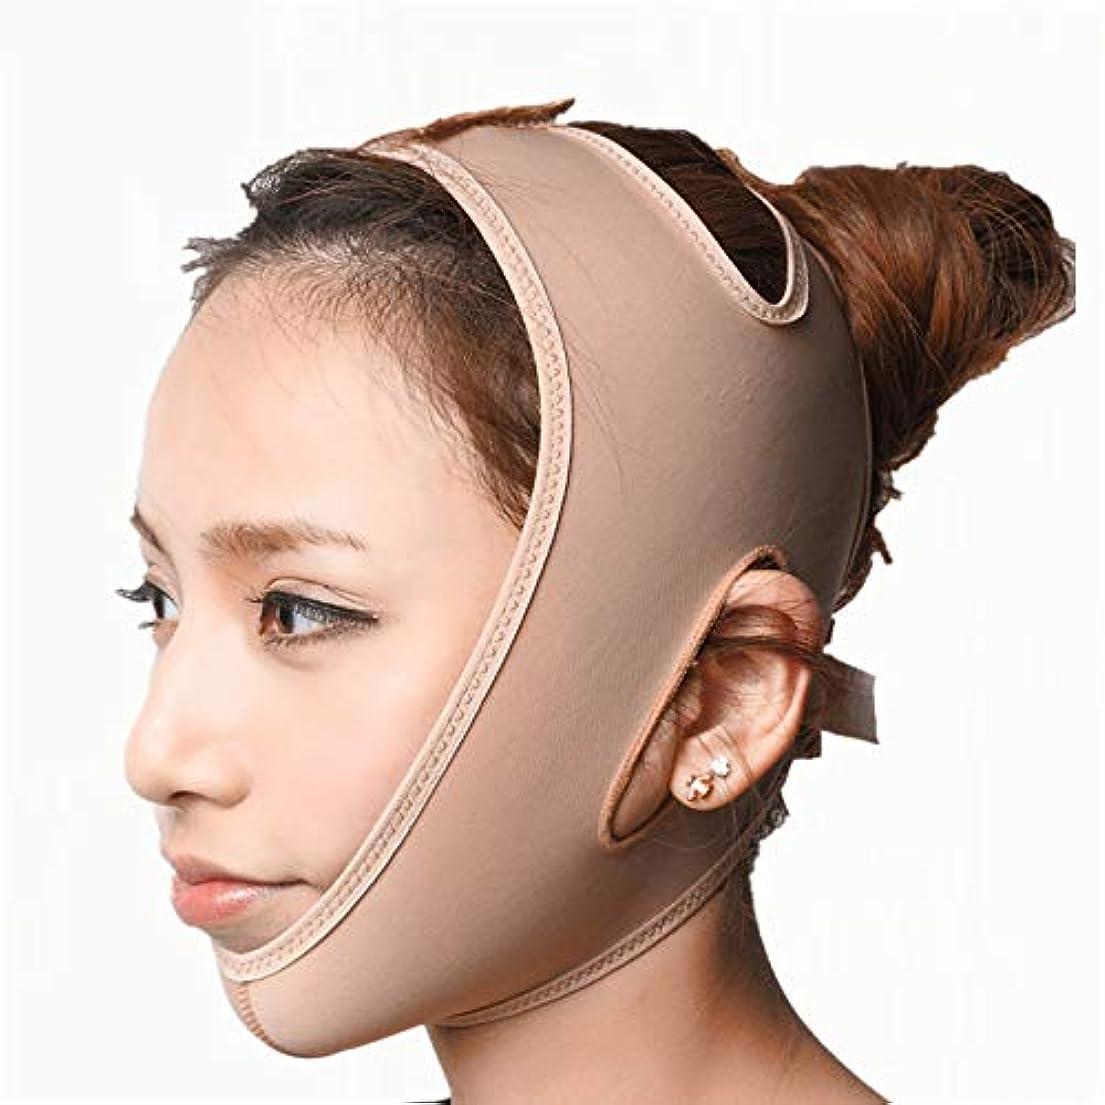 強いますスイス人激怒BS 顔の持ち上がる痩身ベルト - アンチエイジングリンクルフェイスマスクベルトシンフェイス包帯整形マスクは顔と首を締めますフェイススリム フェイスリフティングアーティファクト (Size : L)